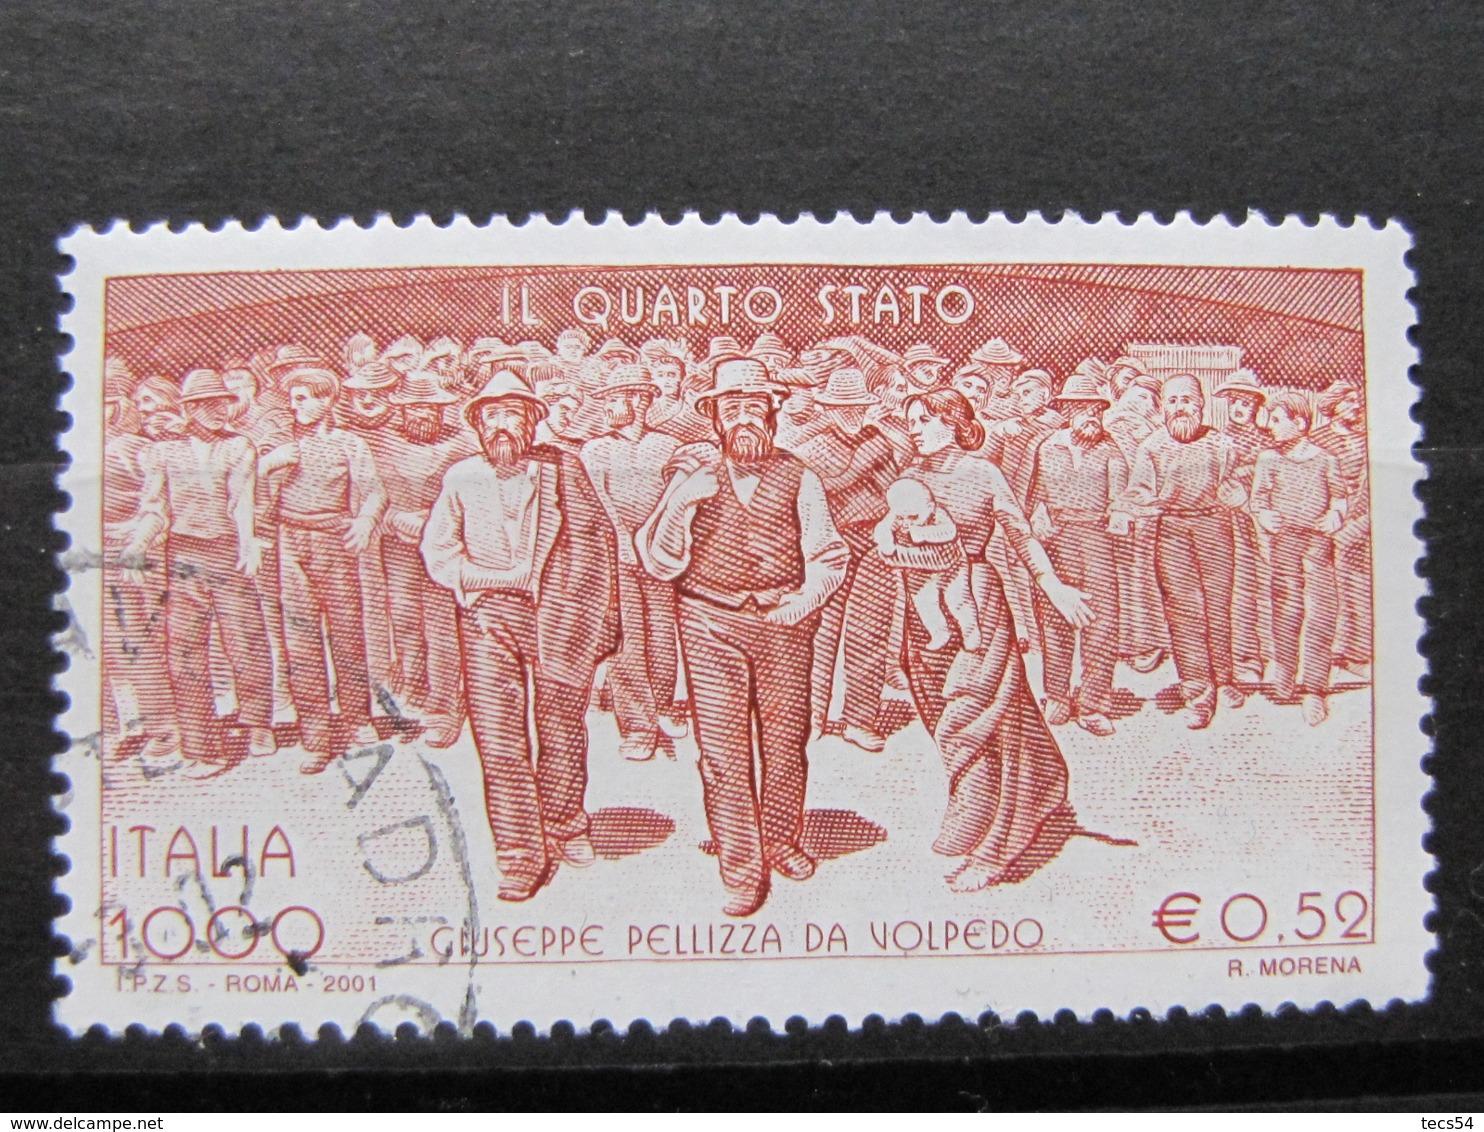 *ITALIA* USATI 2001 - QUARTO STATO PELLIZZA DA VOLPEDO - SASSONE 2563 - LUSSO/FIOR DI STAMPA - 6. 1946-.. Repubblica